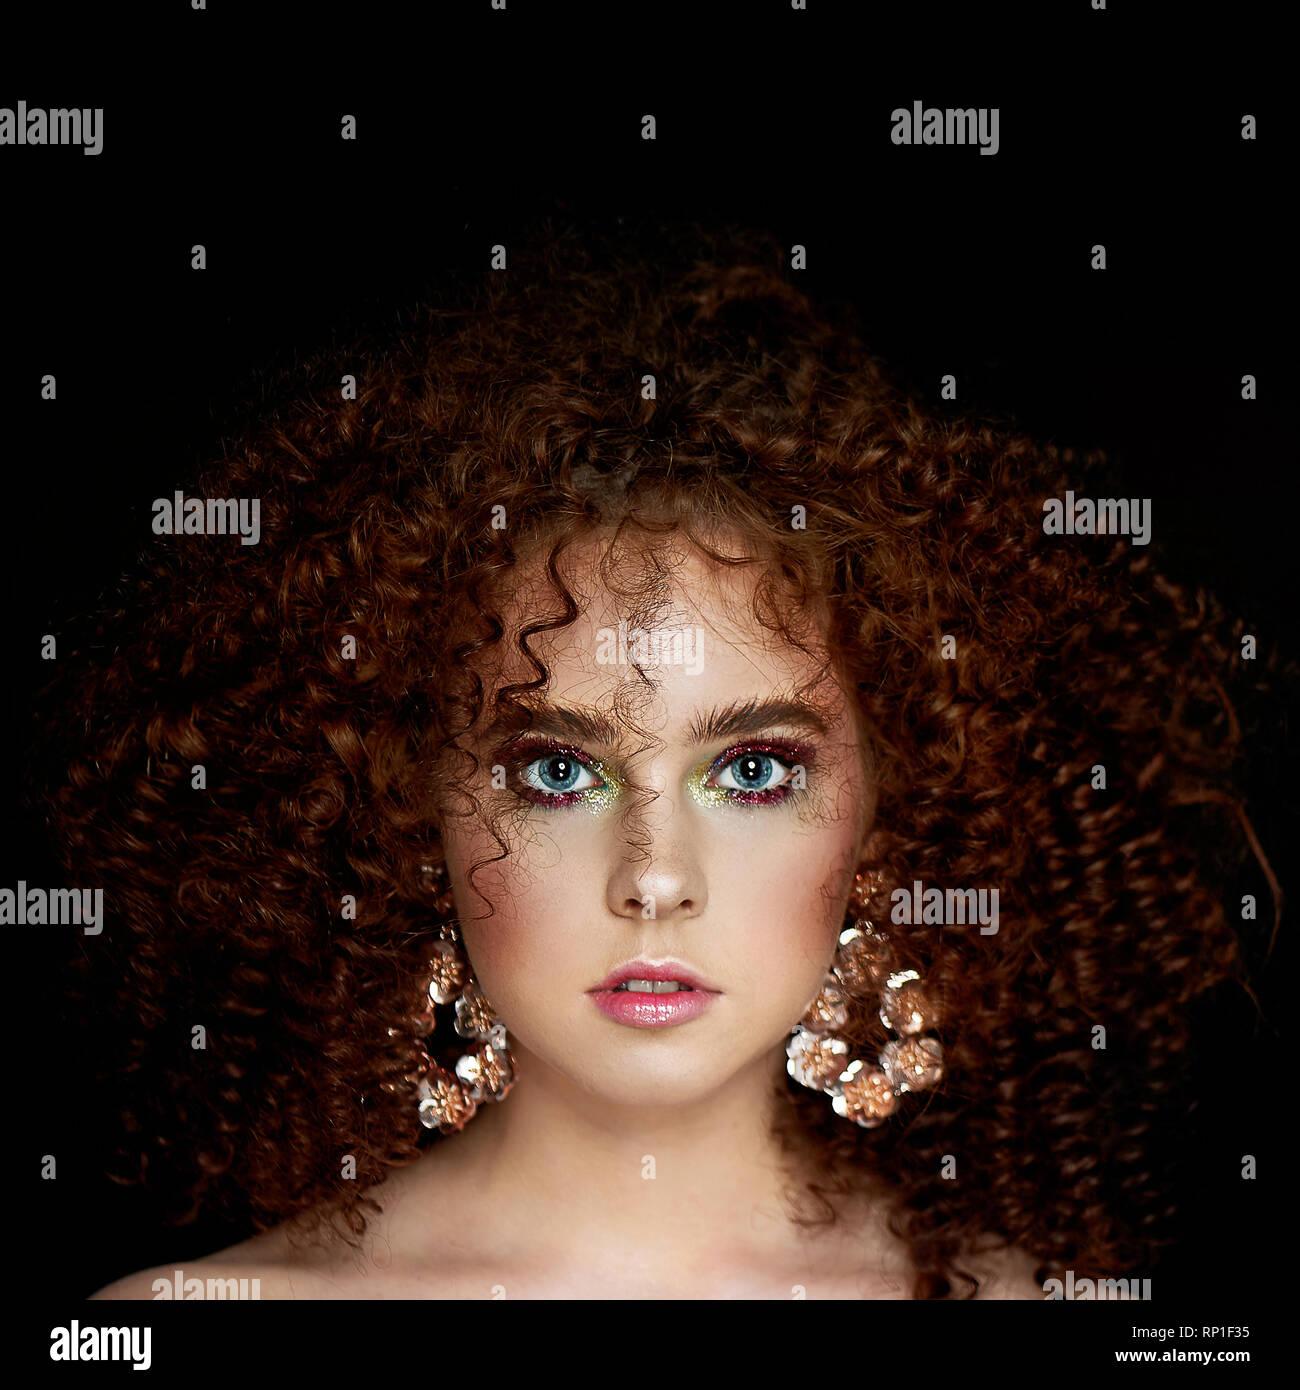 Ein Mädchen mit üppigen lockigem rotem Haar. Schließen Sie das Gesicht mit hellen Make-up und massive Ohrringe. Lila Schatten. Stockbild